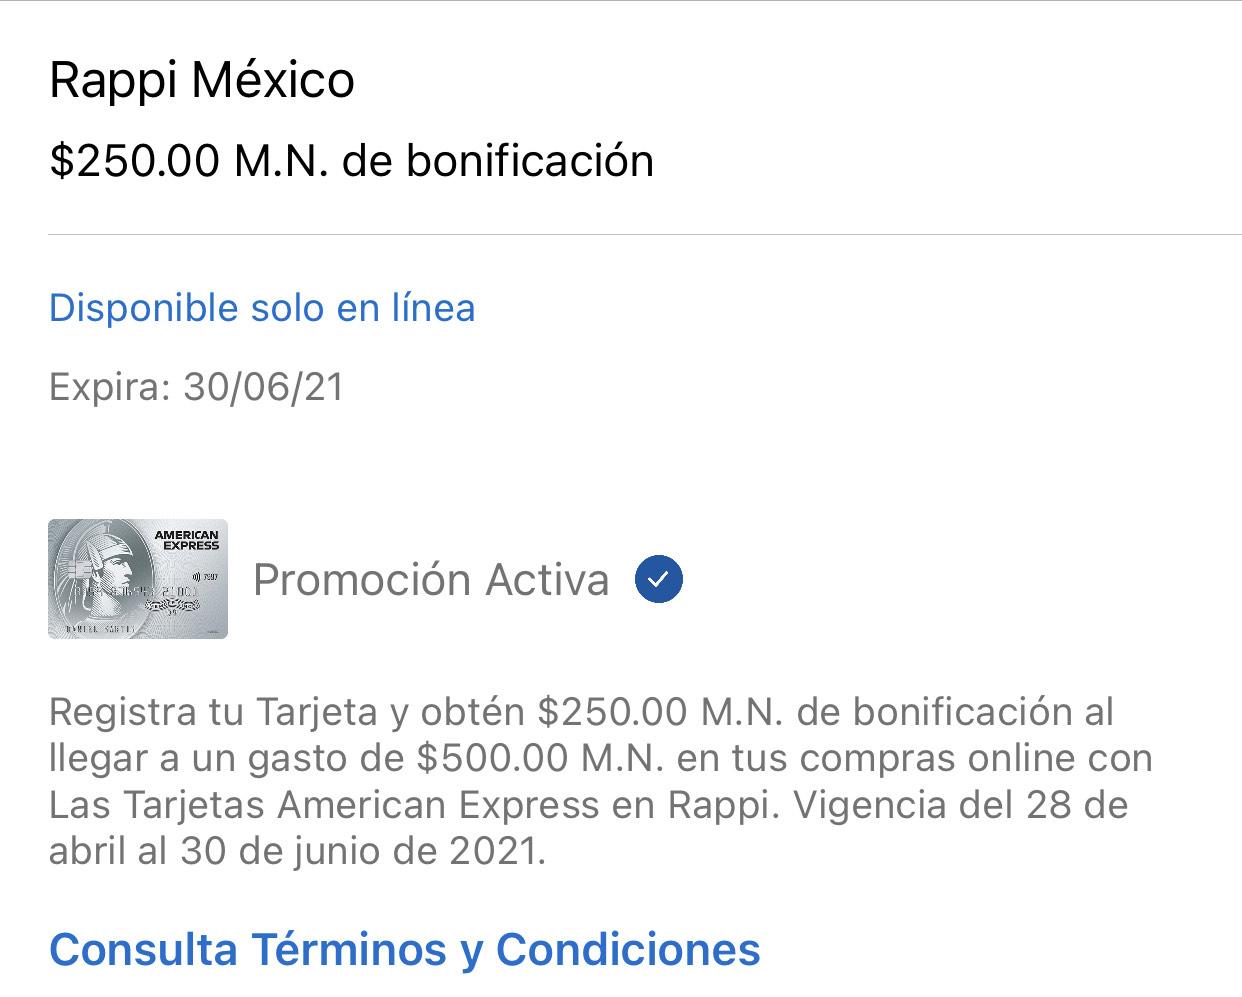 Amex: $250 de bonificación al gastar $500 en Rappi